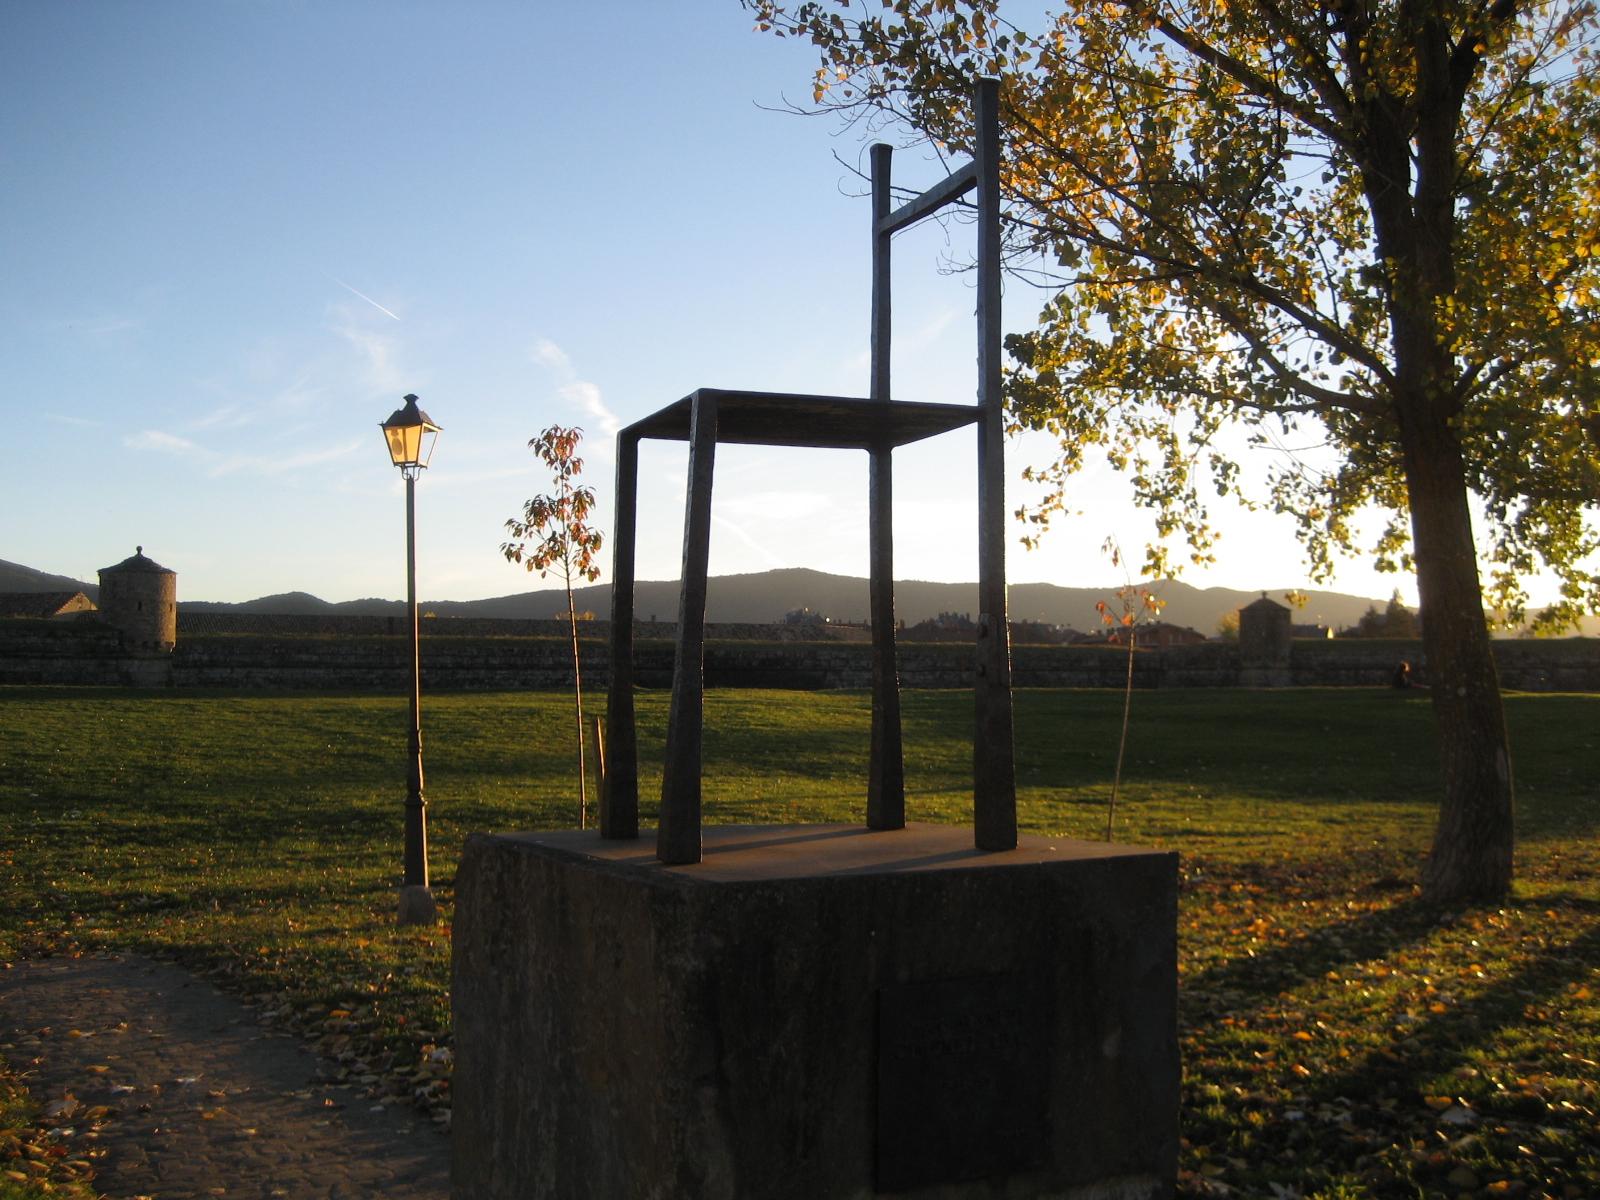 El bosque de trimbolera la silla vac a - La silla vacia ...